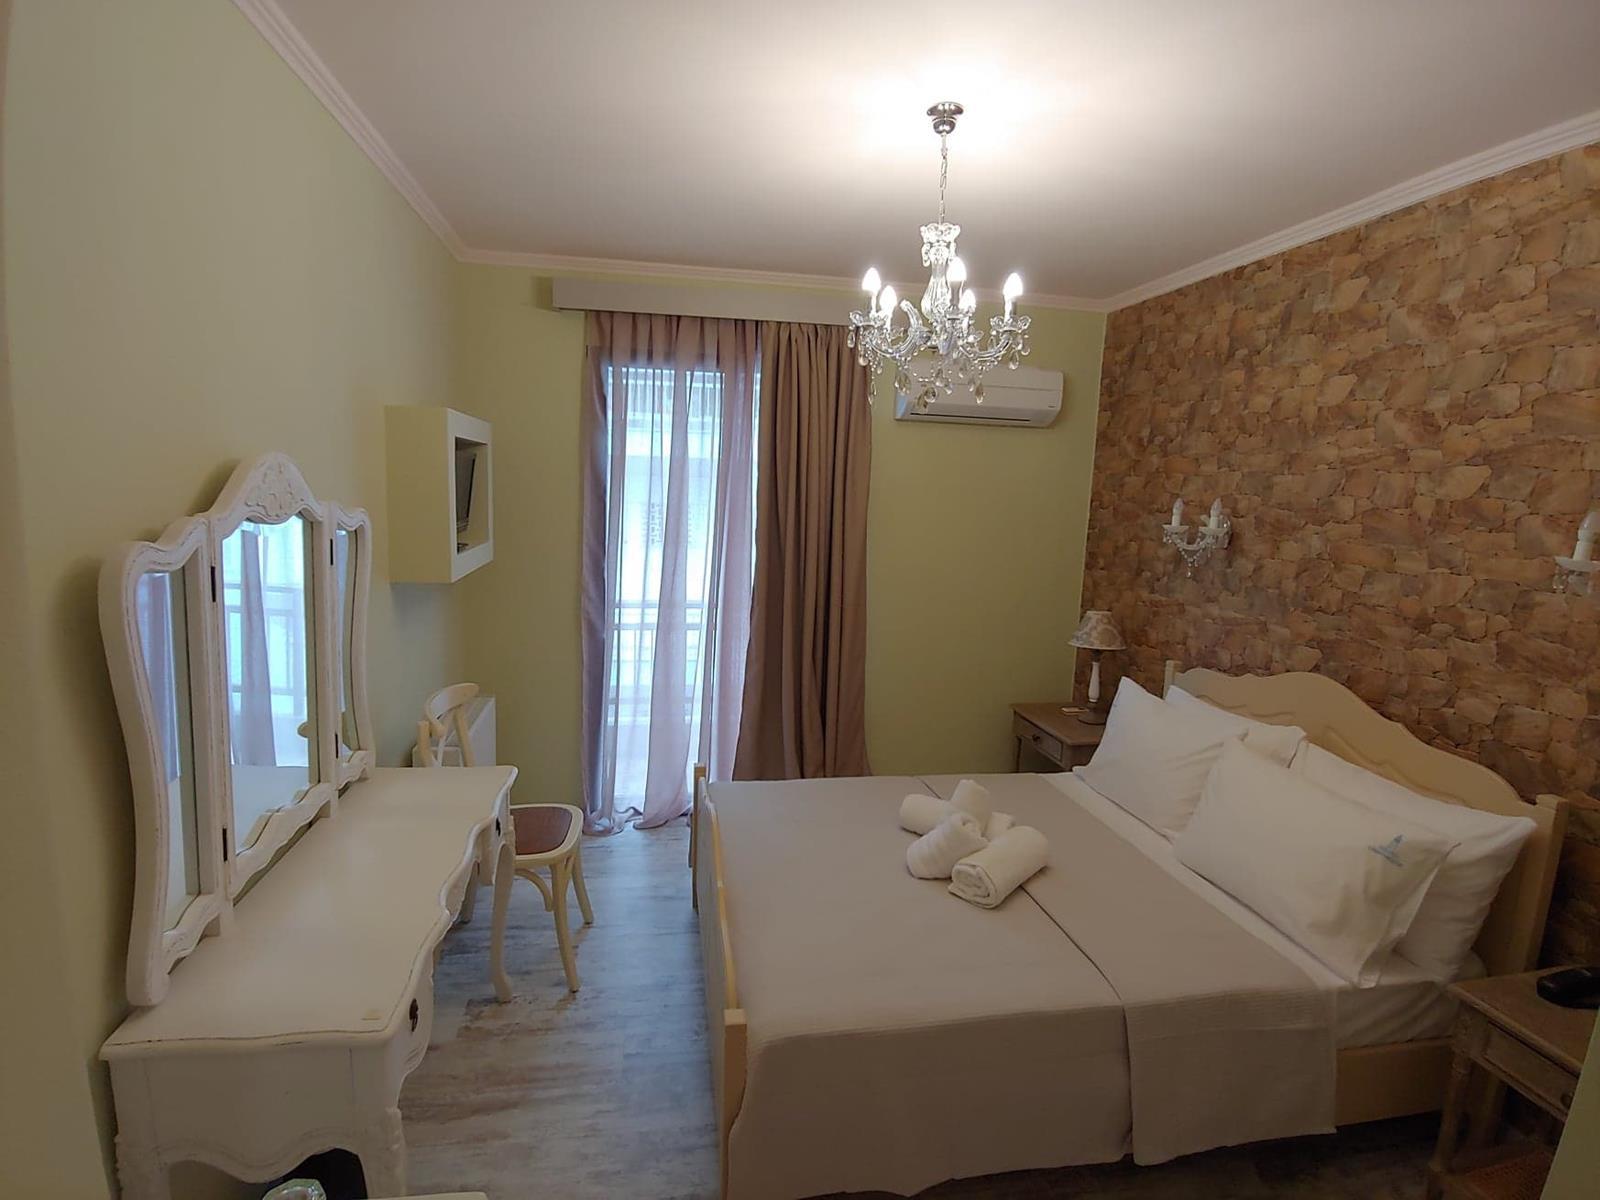 αλεξανδρουπολη ξενοδοχεια - Ξενοδοχείο Lighthouse Αλεξανδρούπολη